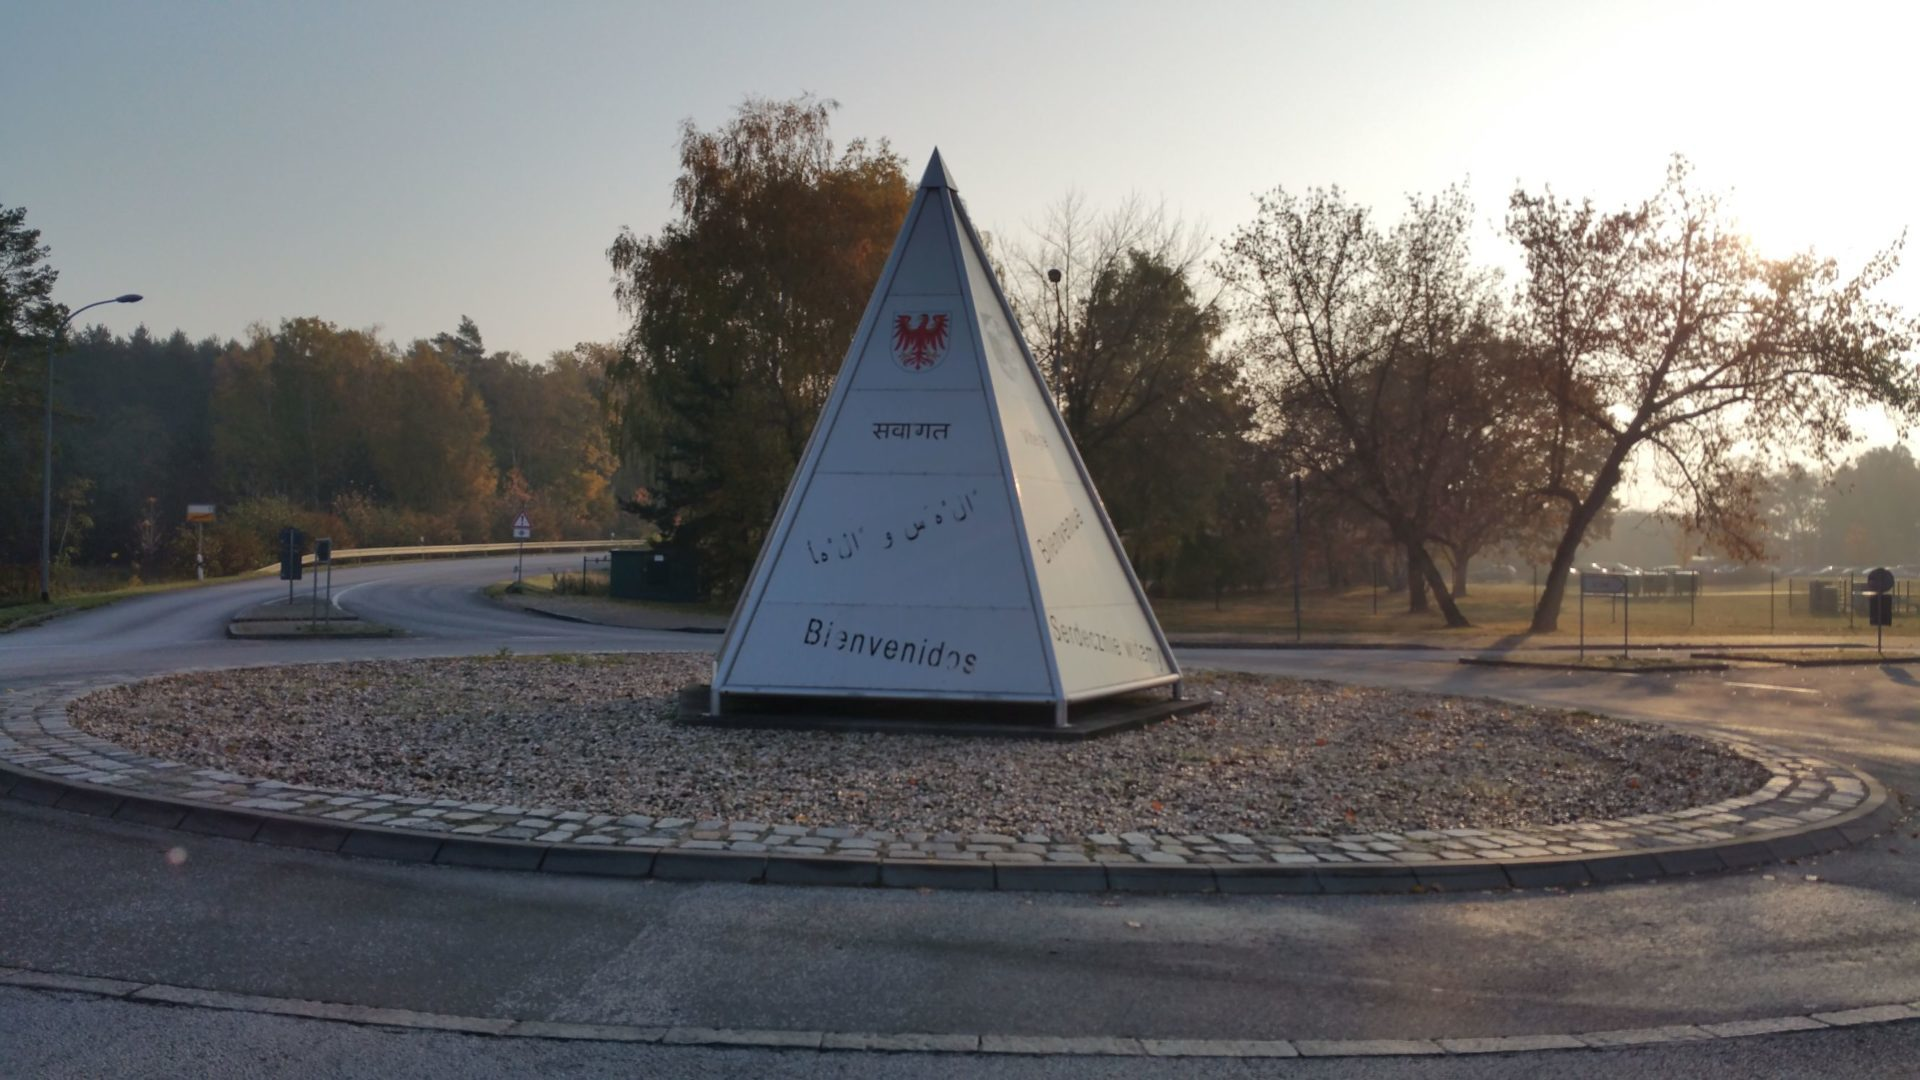 Falsche Begrüßung auf einem Schild in Ludwigsfelde